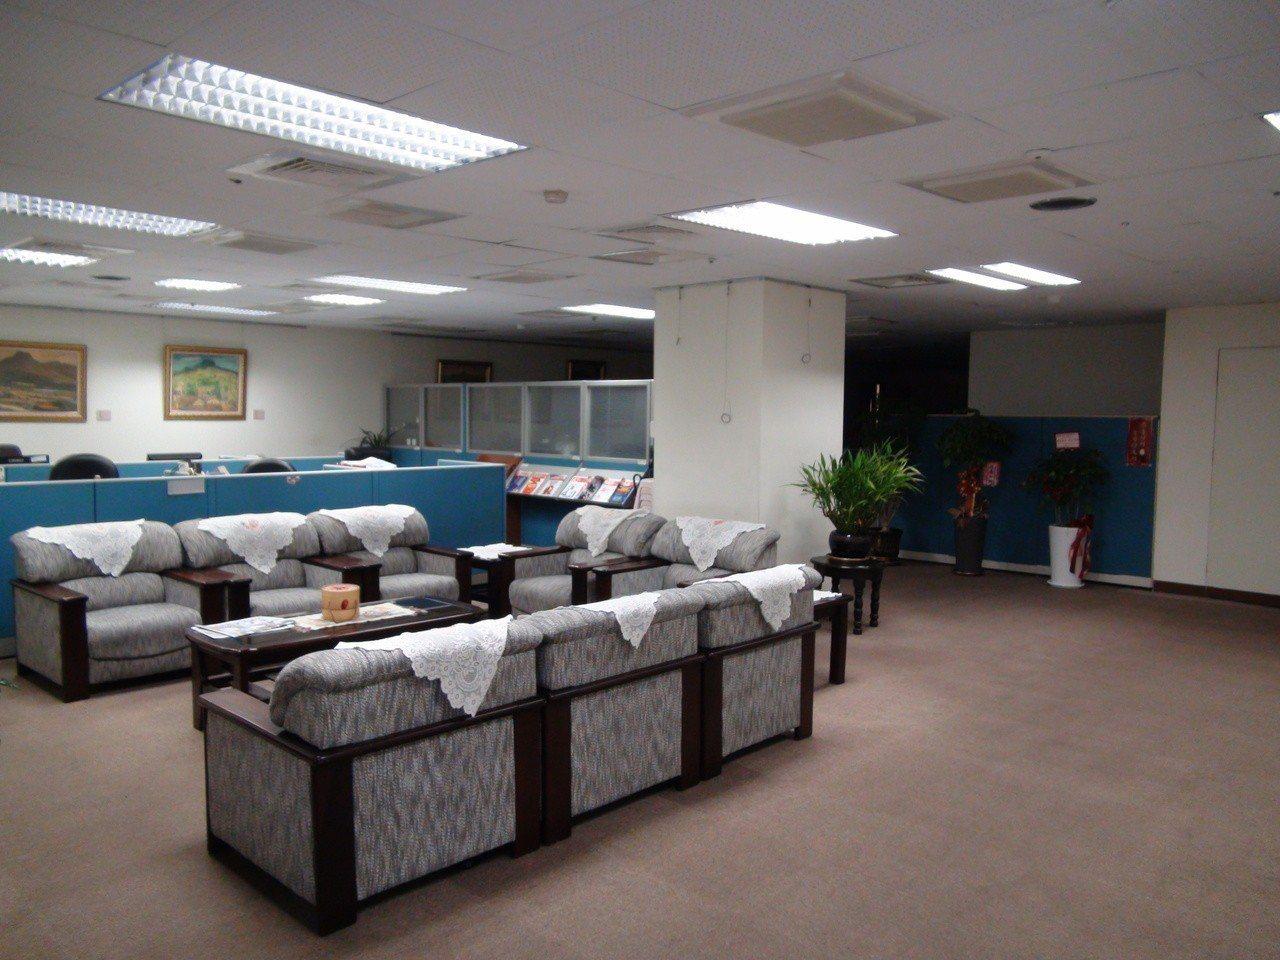 高雄市四維行政中心市長室今年二月被前市府攝影官潛入。記者謝梅芬/攝影